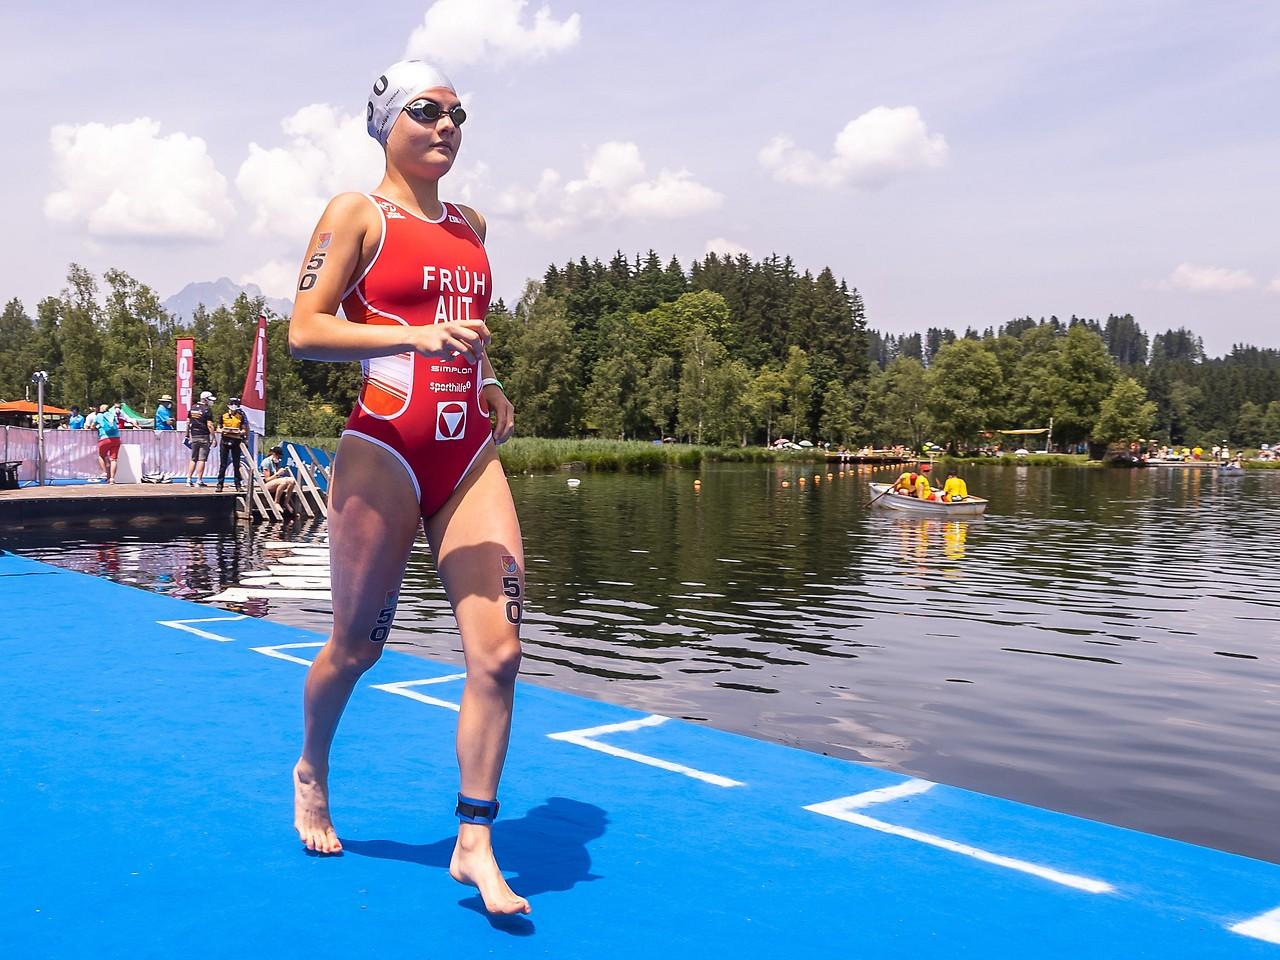 Magdalena Fruh in the triathlon in Kitzbühel